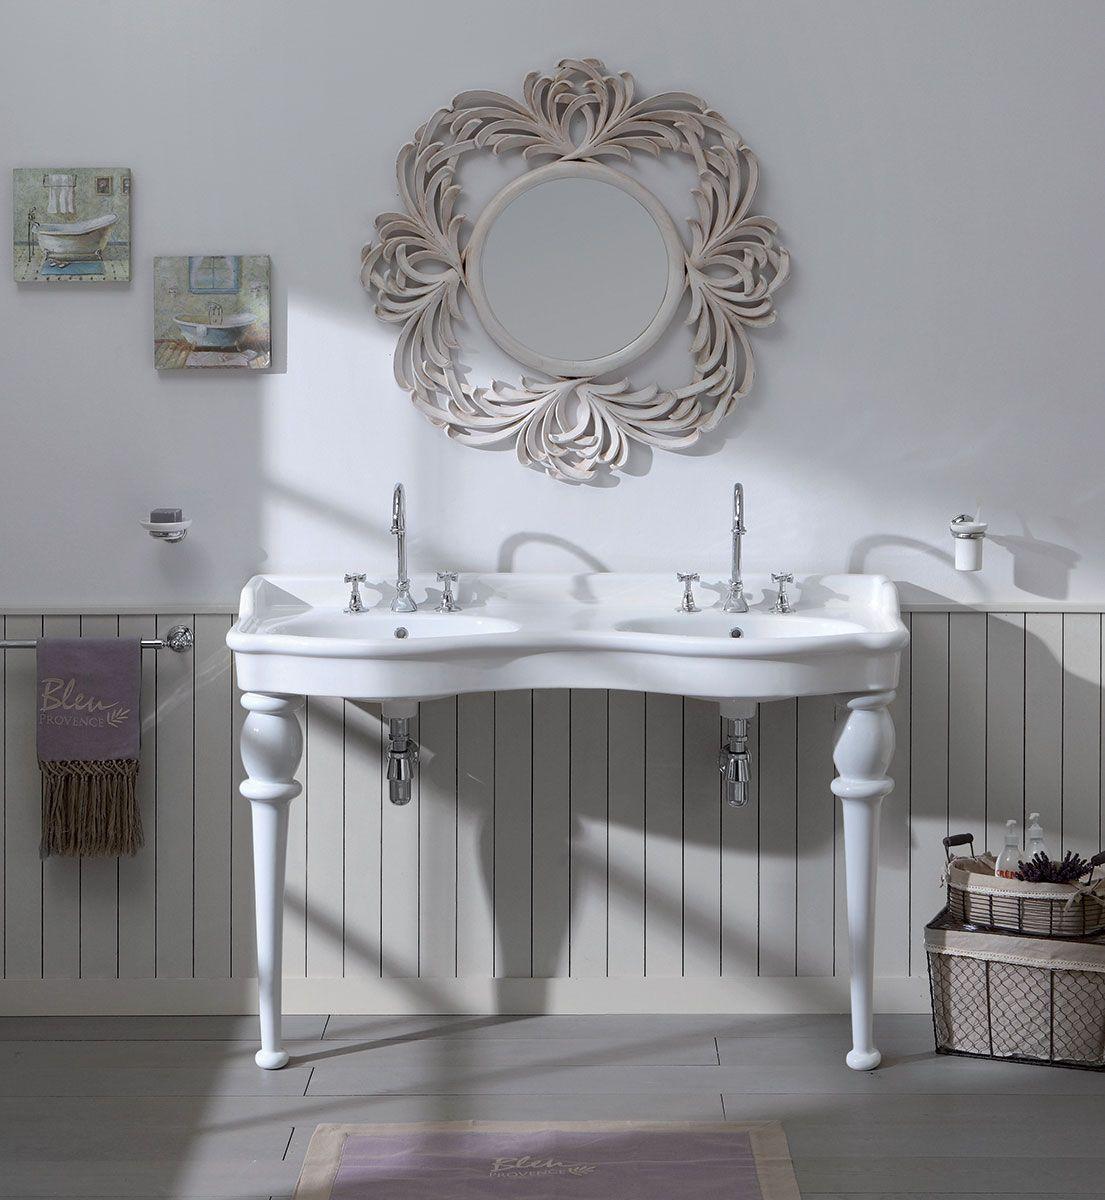 Provence Landhaus Doppel Waschtisch 150 cm mit Füssen | Retro Bad ...